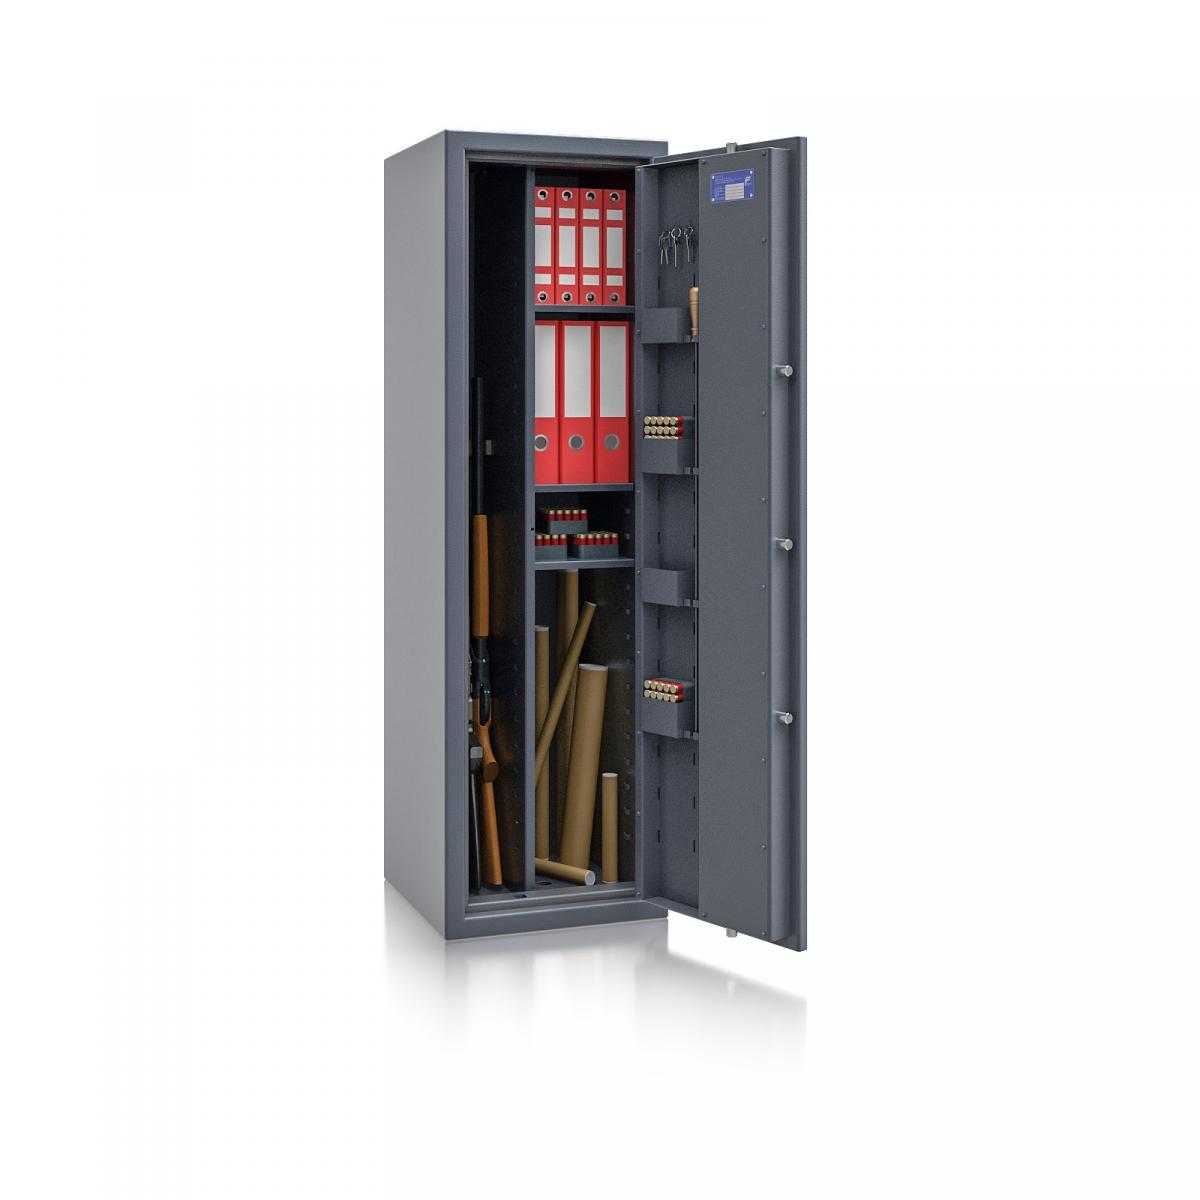 Waffenschrank Luzern WF MAX Kombi 1 - 1500x450x450 / 167kg 55649 / Klasse 0 / RAL7024 / Schlüssel / DIN R / mit Trennw.